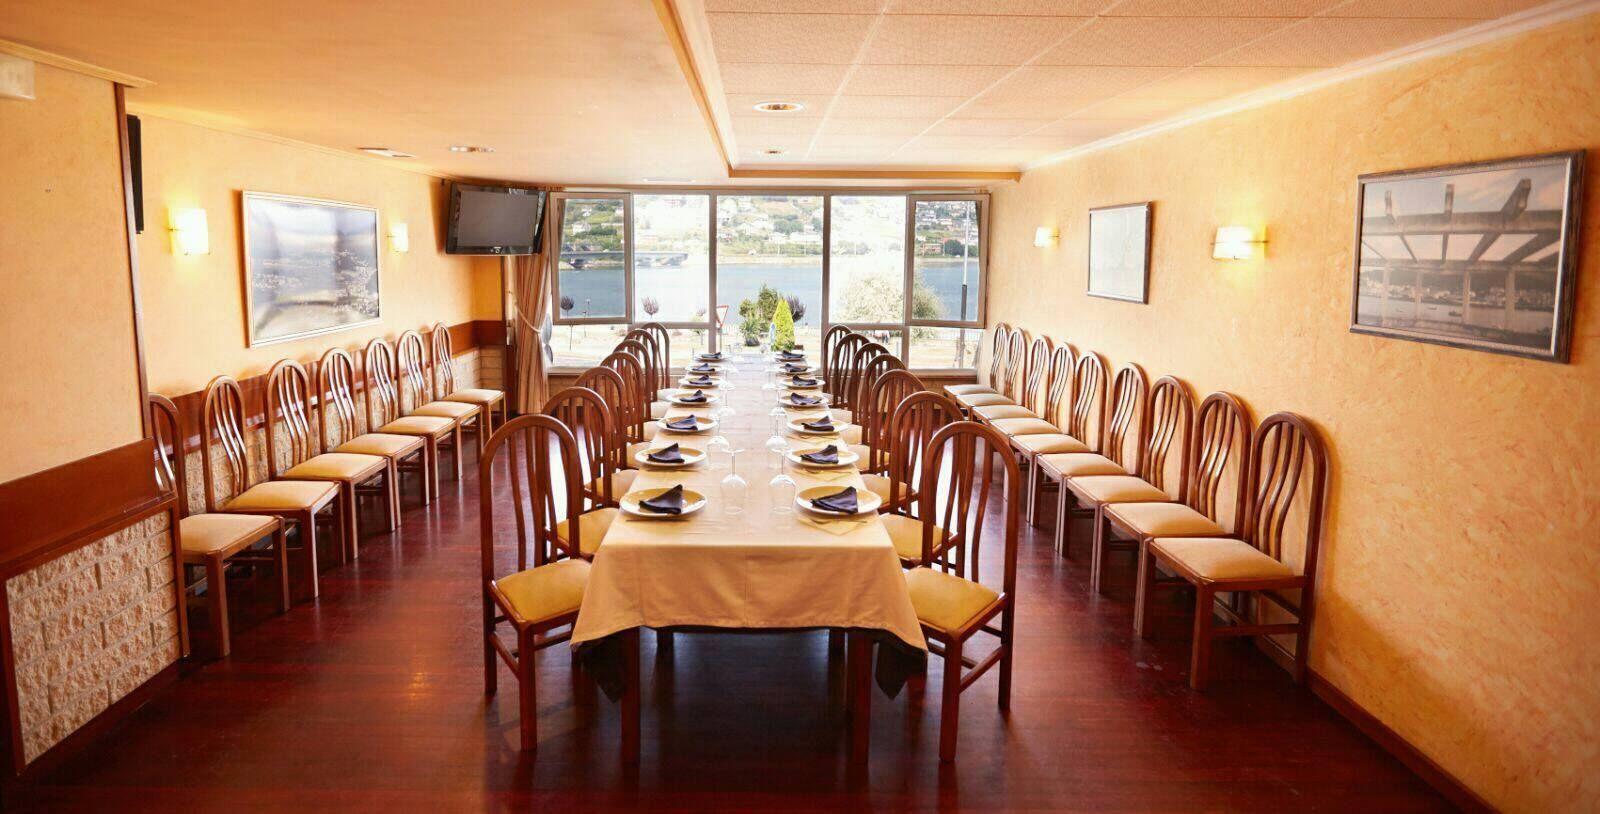 Restaurante para eventos en Viveiro